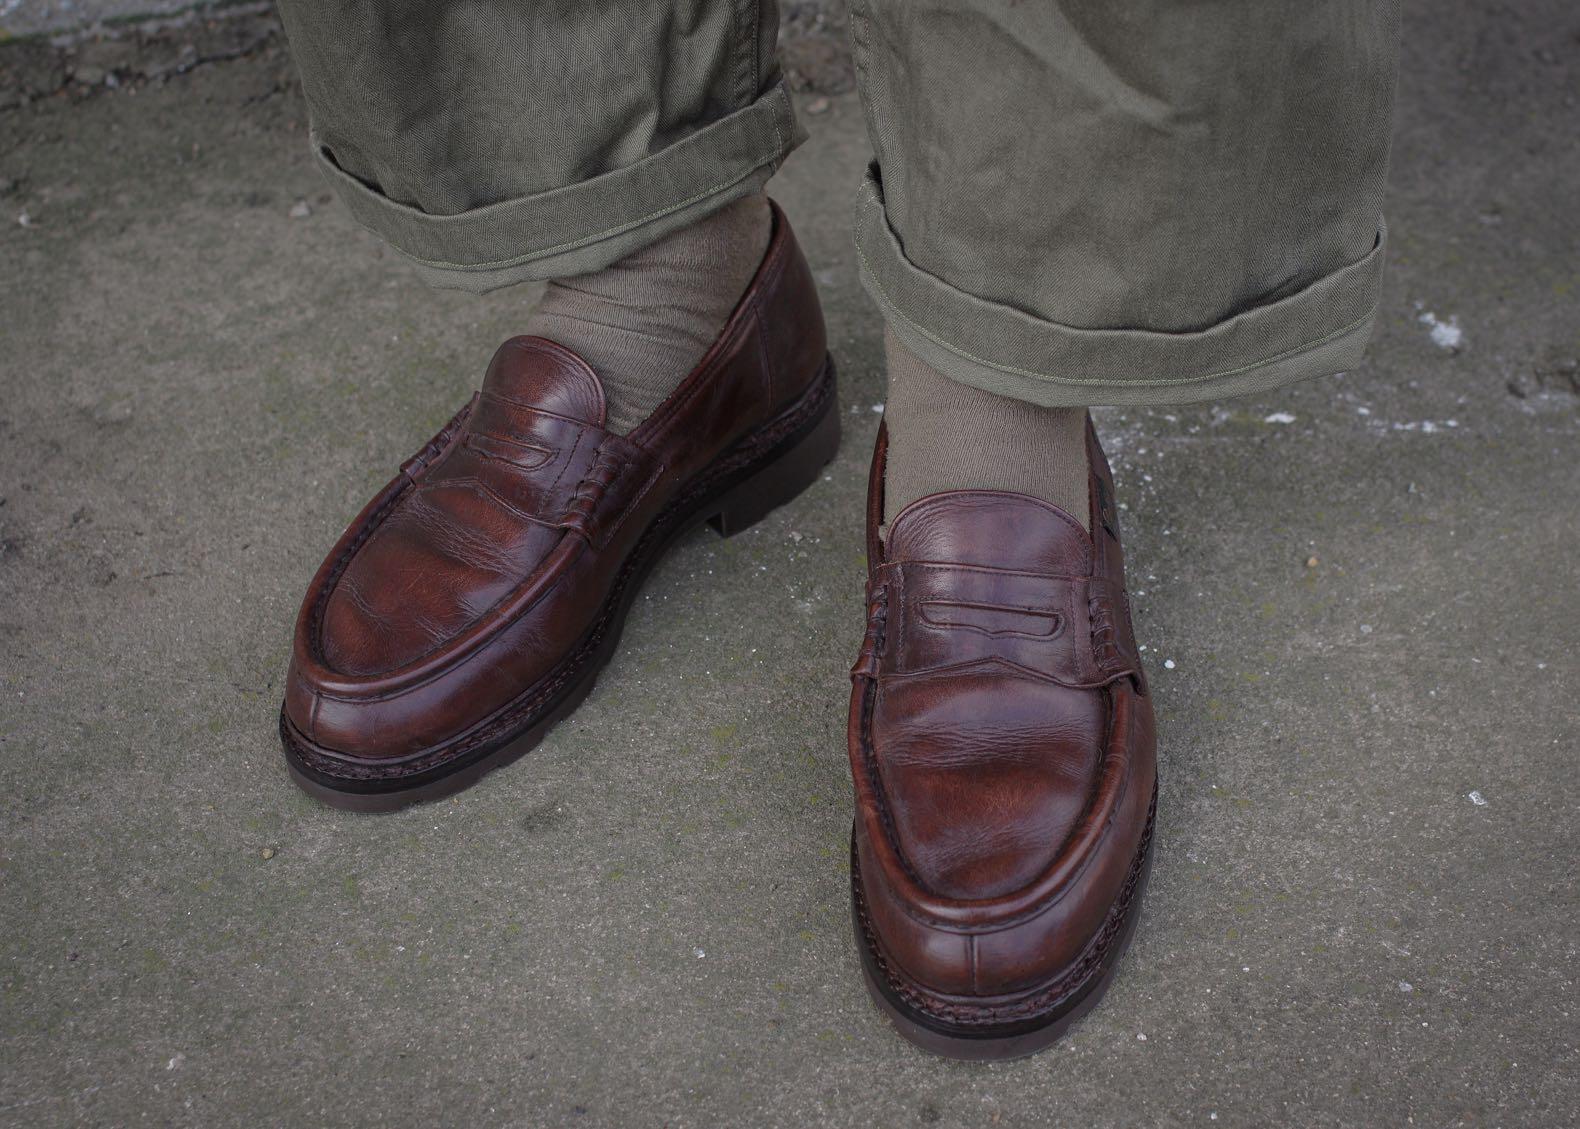 paire de paraboot modèle reims vintage en cuir marron porté avec chaussures et pantalon vert militaire